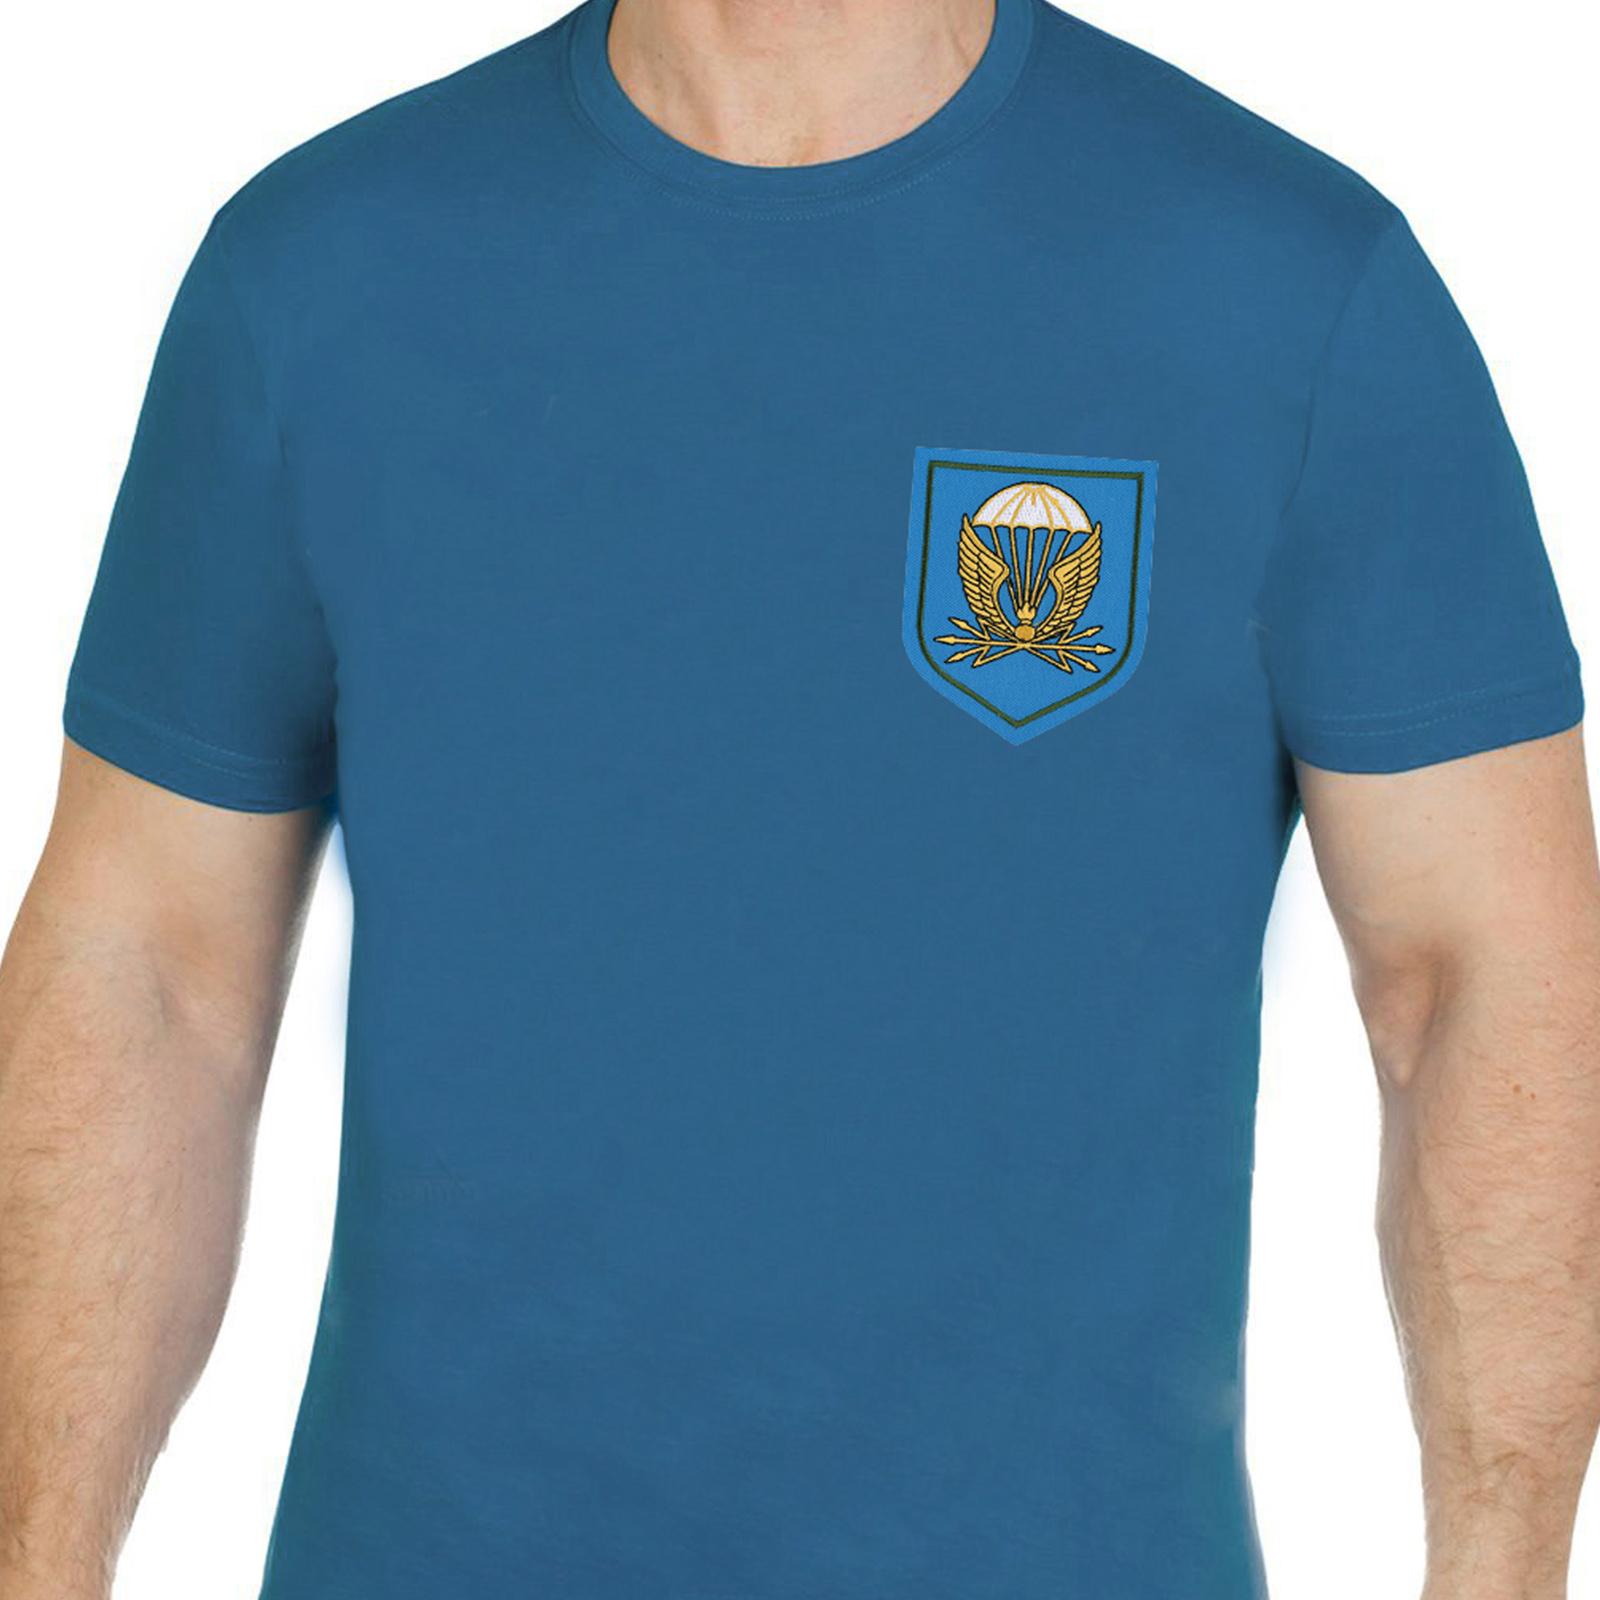 Футболка бирюзовая мужская с вышивкой 38 ОПС ВДВ